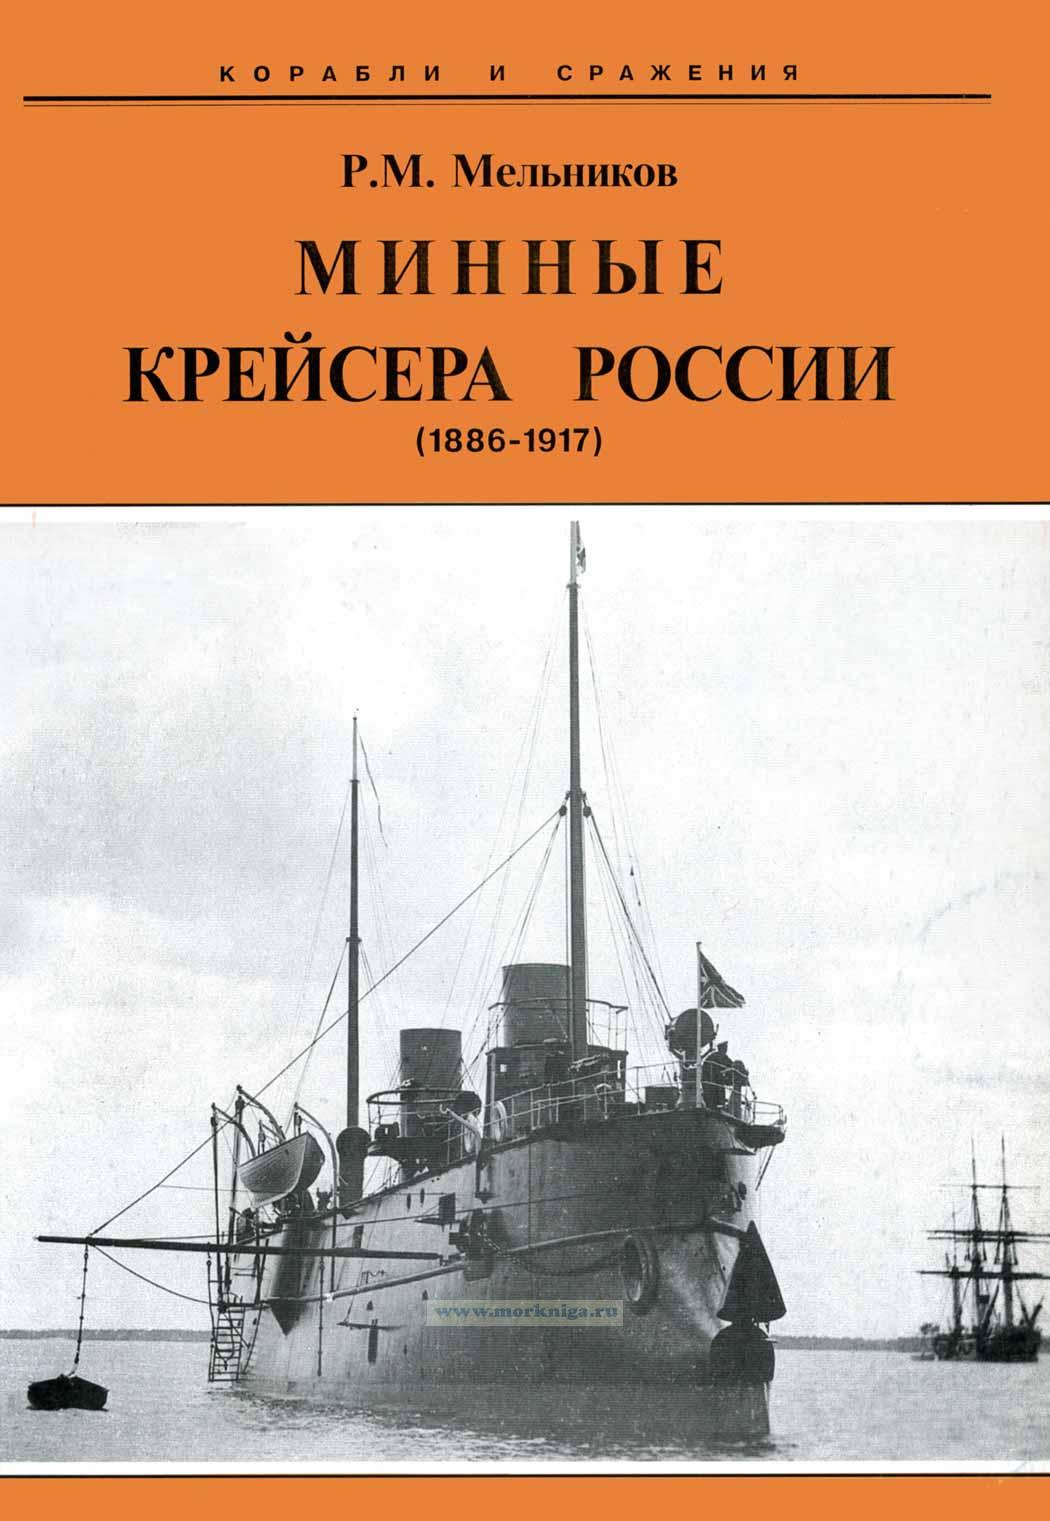 Минные крейсера России (1886-1917)